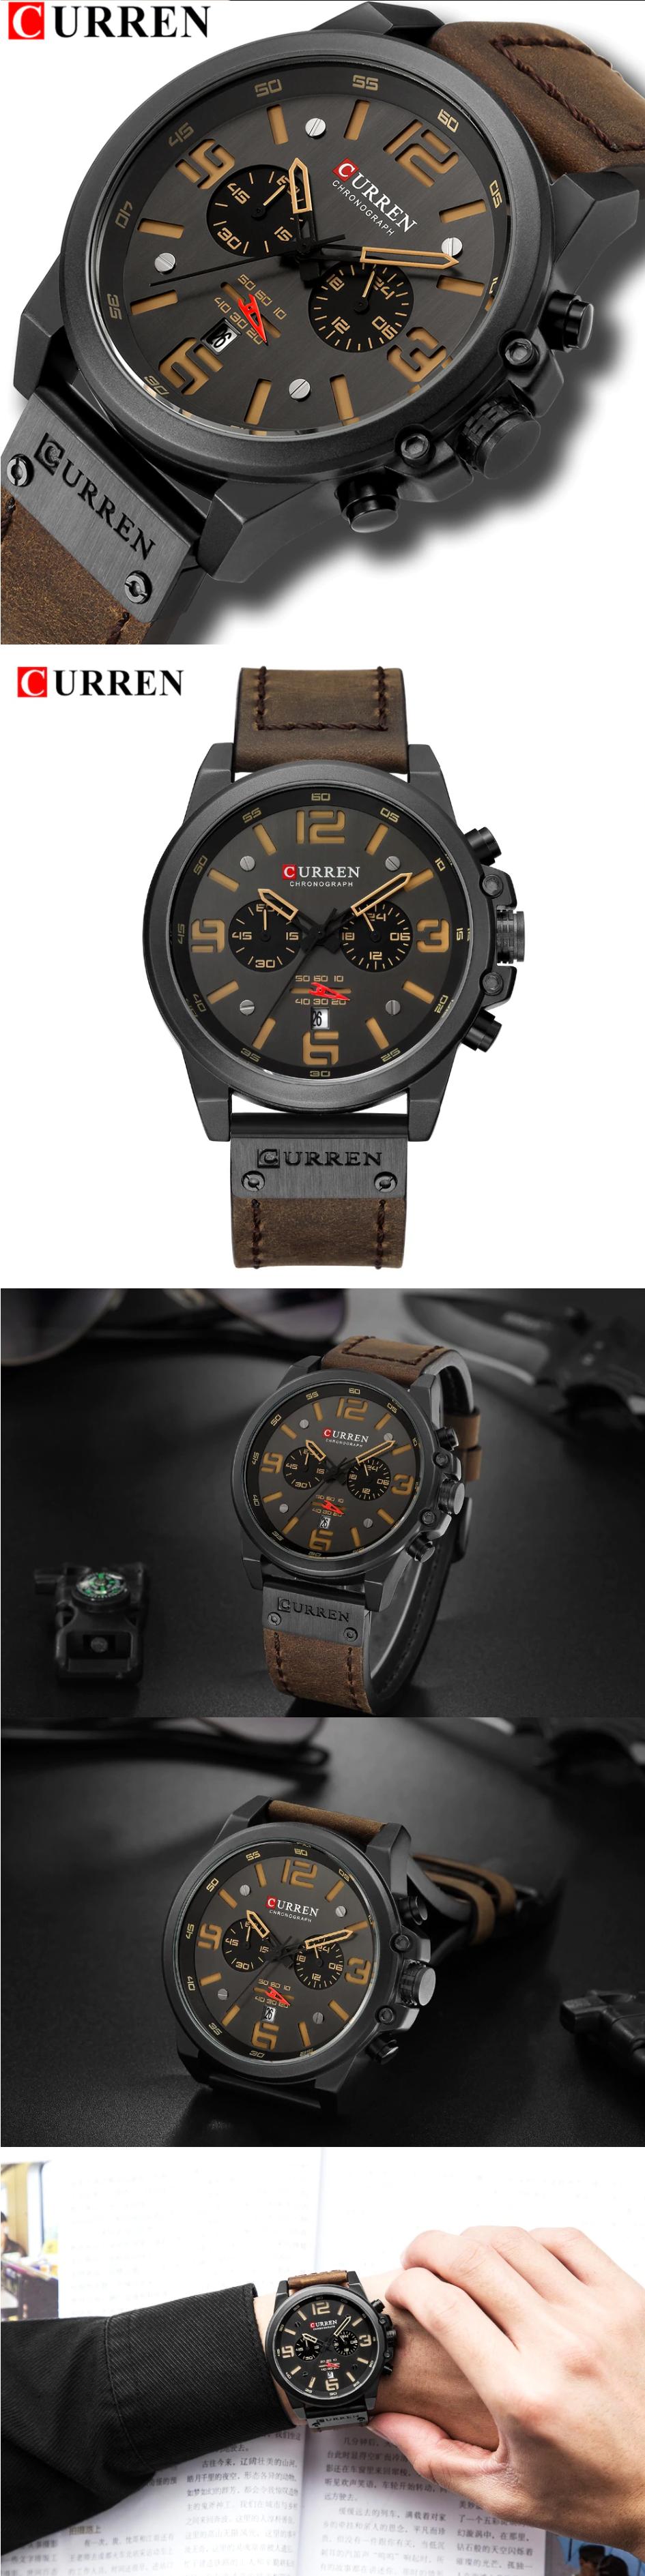 купить мужские наручные часы в украине